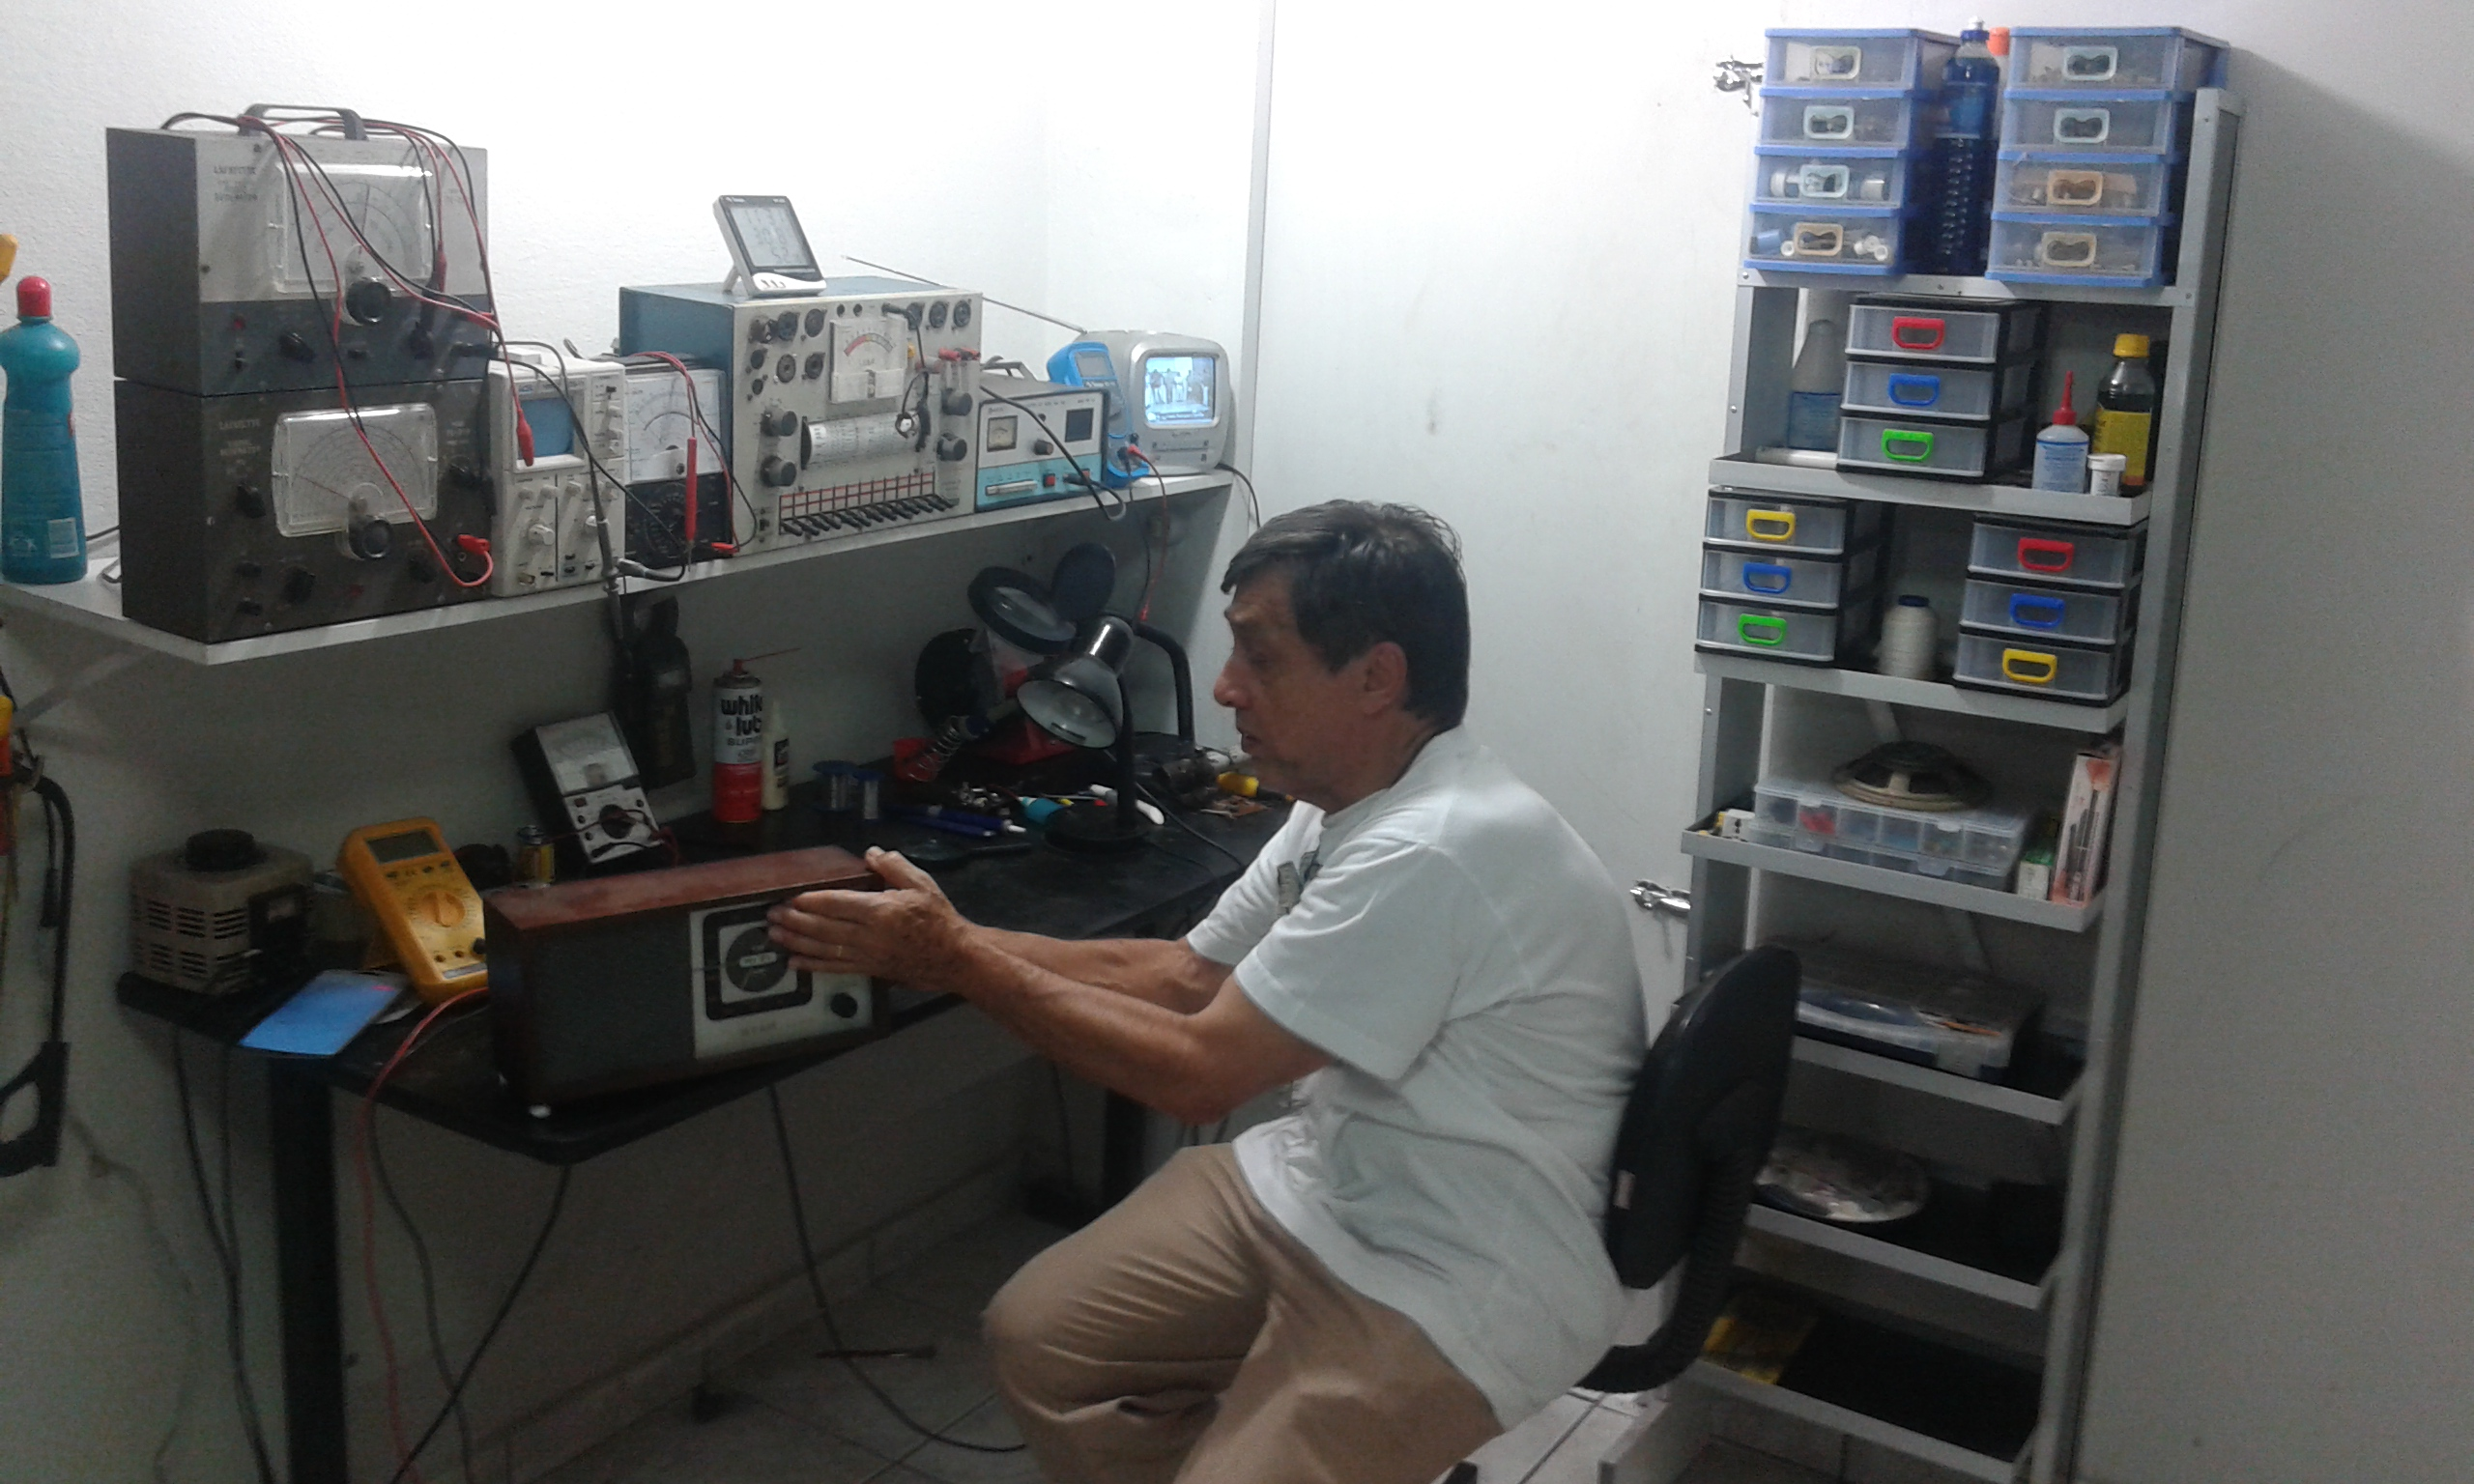 réparation des radios